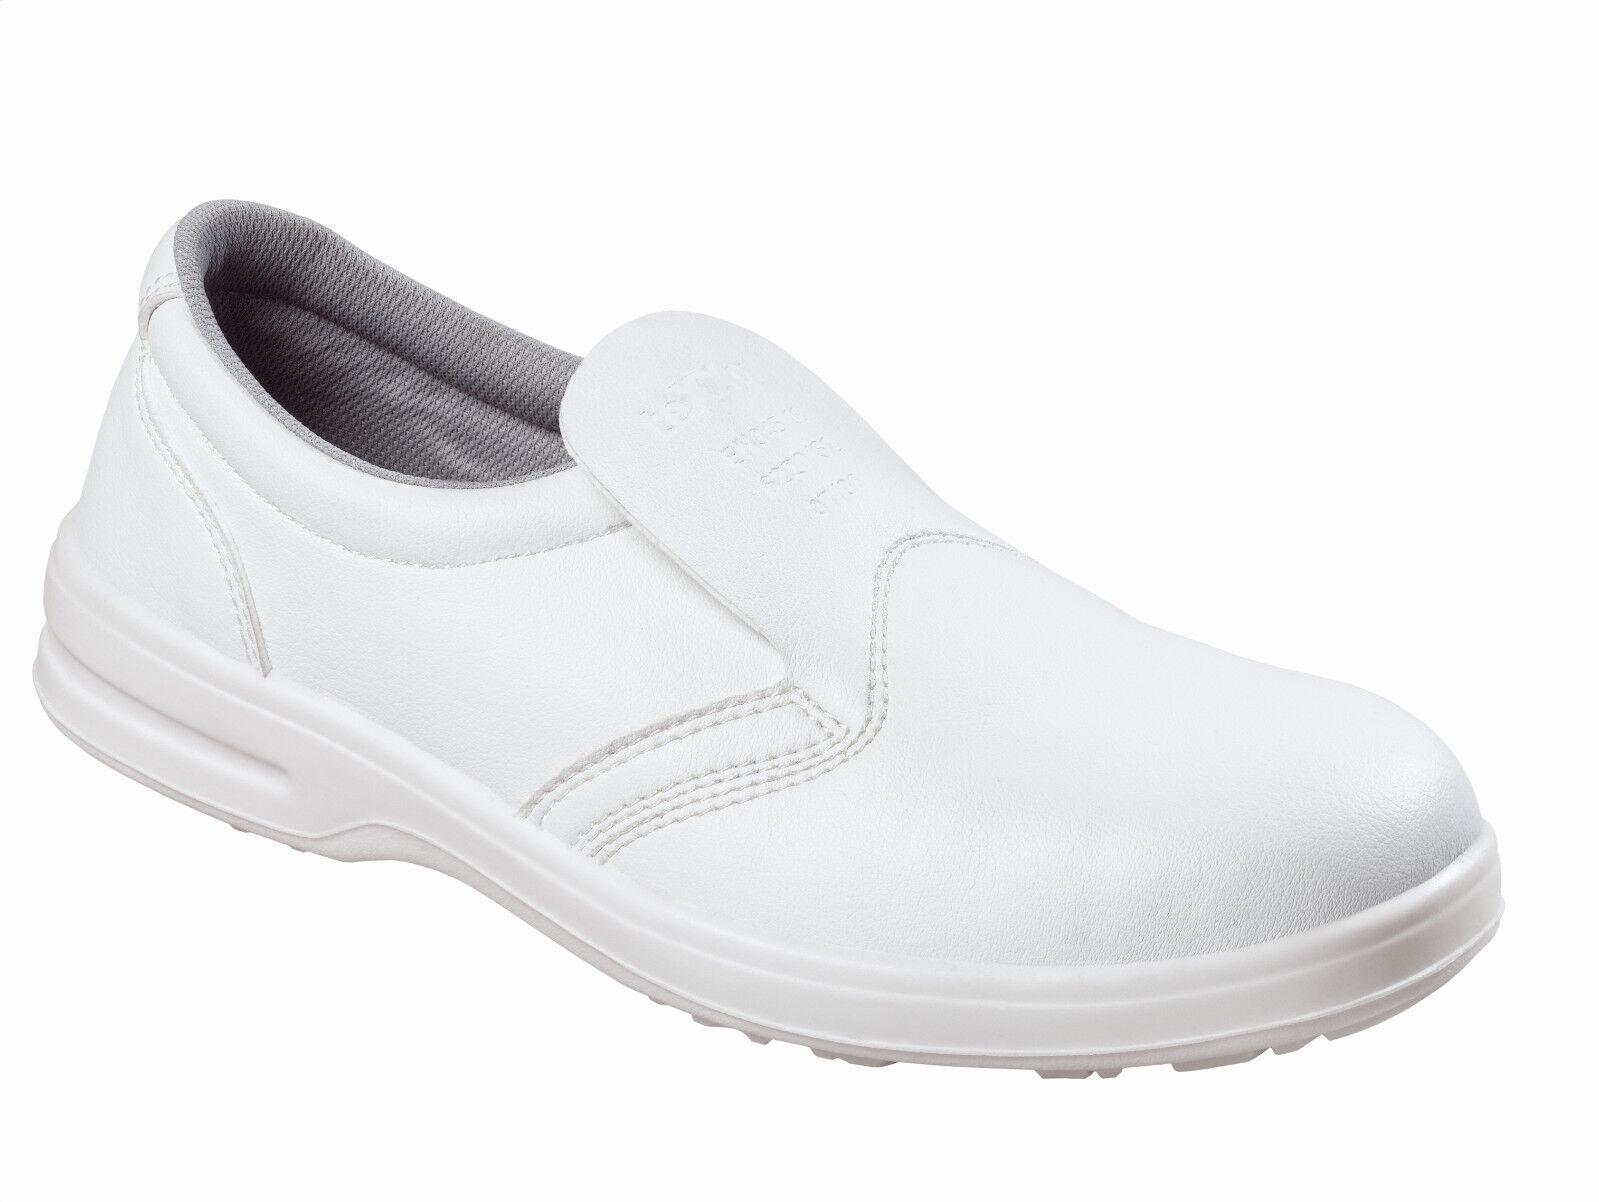 Details zu TEXXOR Arbeitsschuhe Sicherheitsschuhe (Küche,Industrie usw.)  weiß Schuh S17 61751